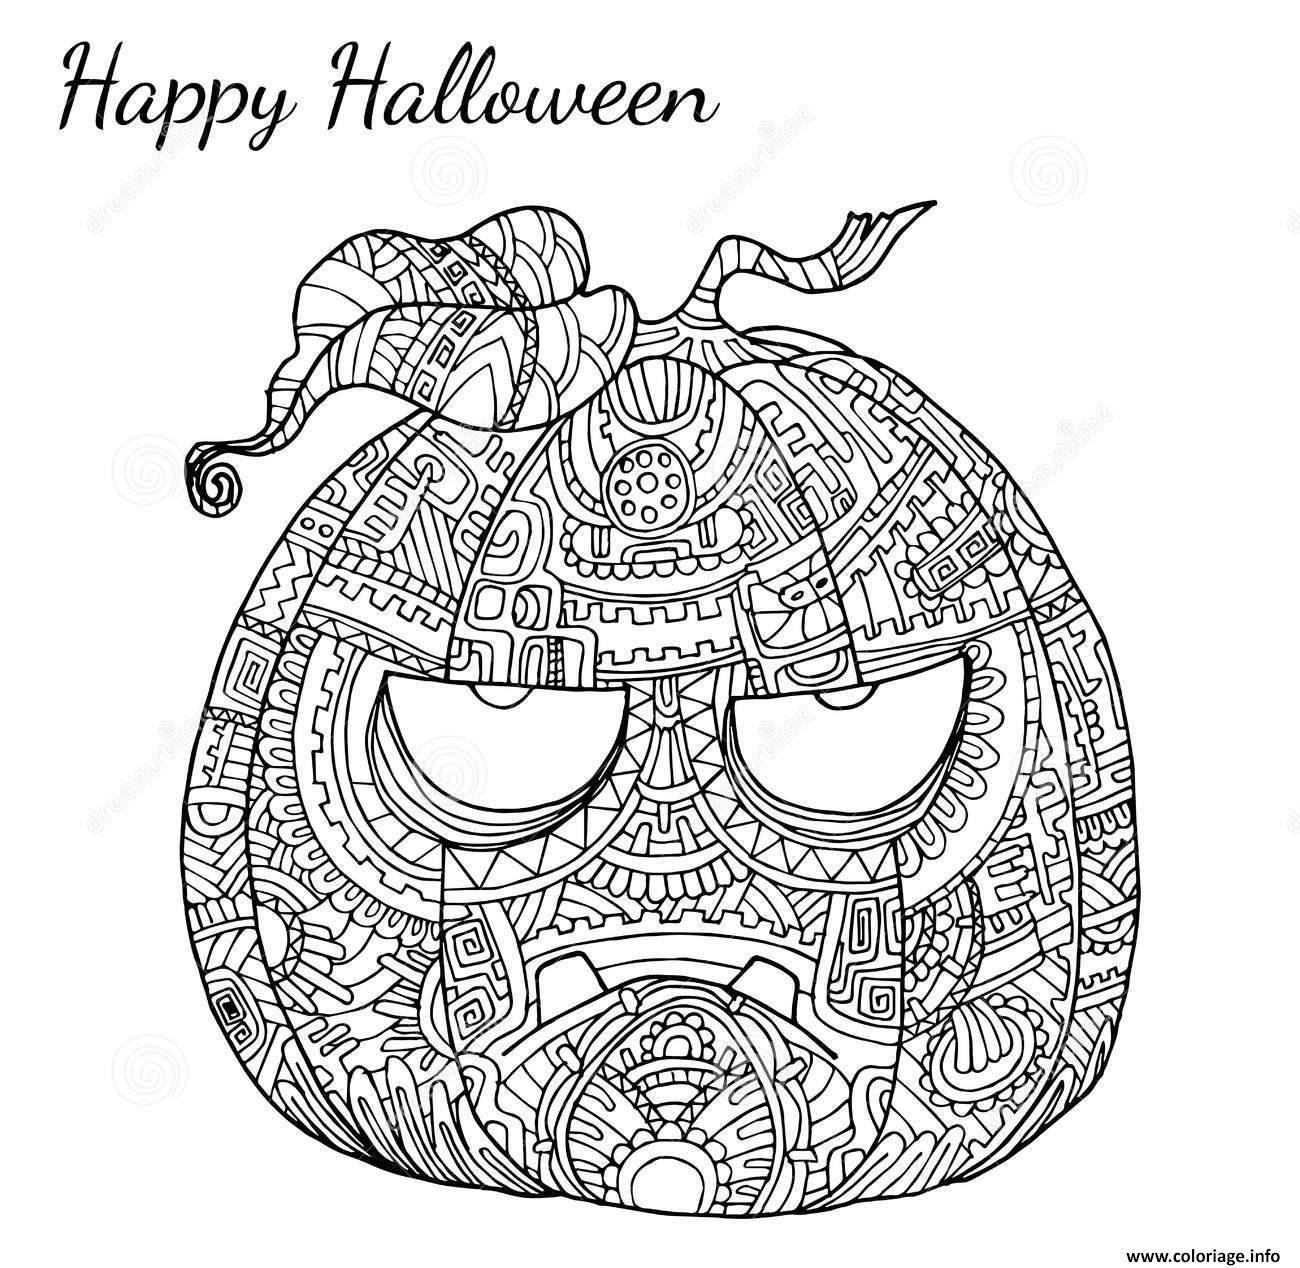 Coloriage Halloween Adulte Zen Citrouille Dessin À Imprimer serapportantà Dessin Halloween Citrouille A Imprimer Gratuit